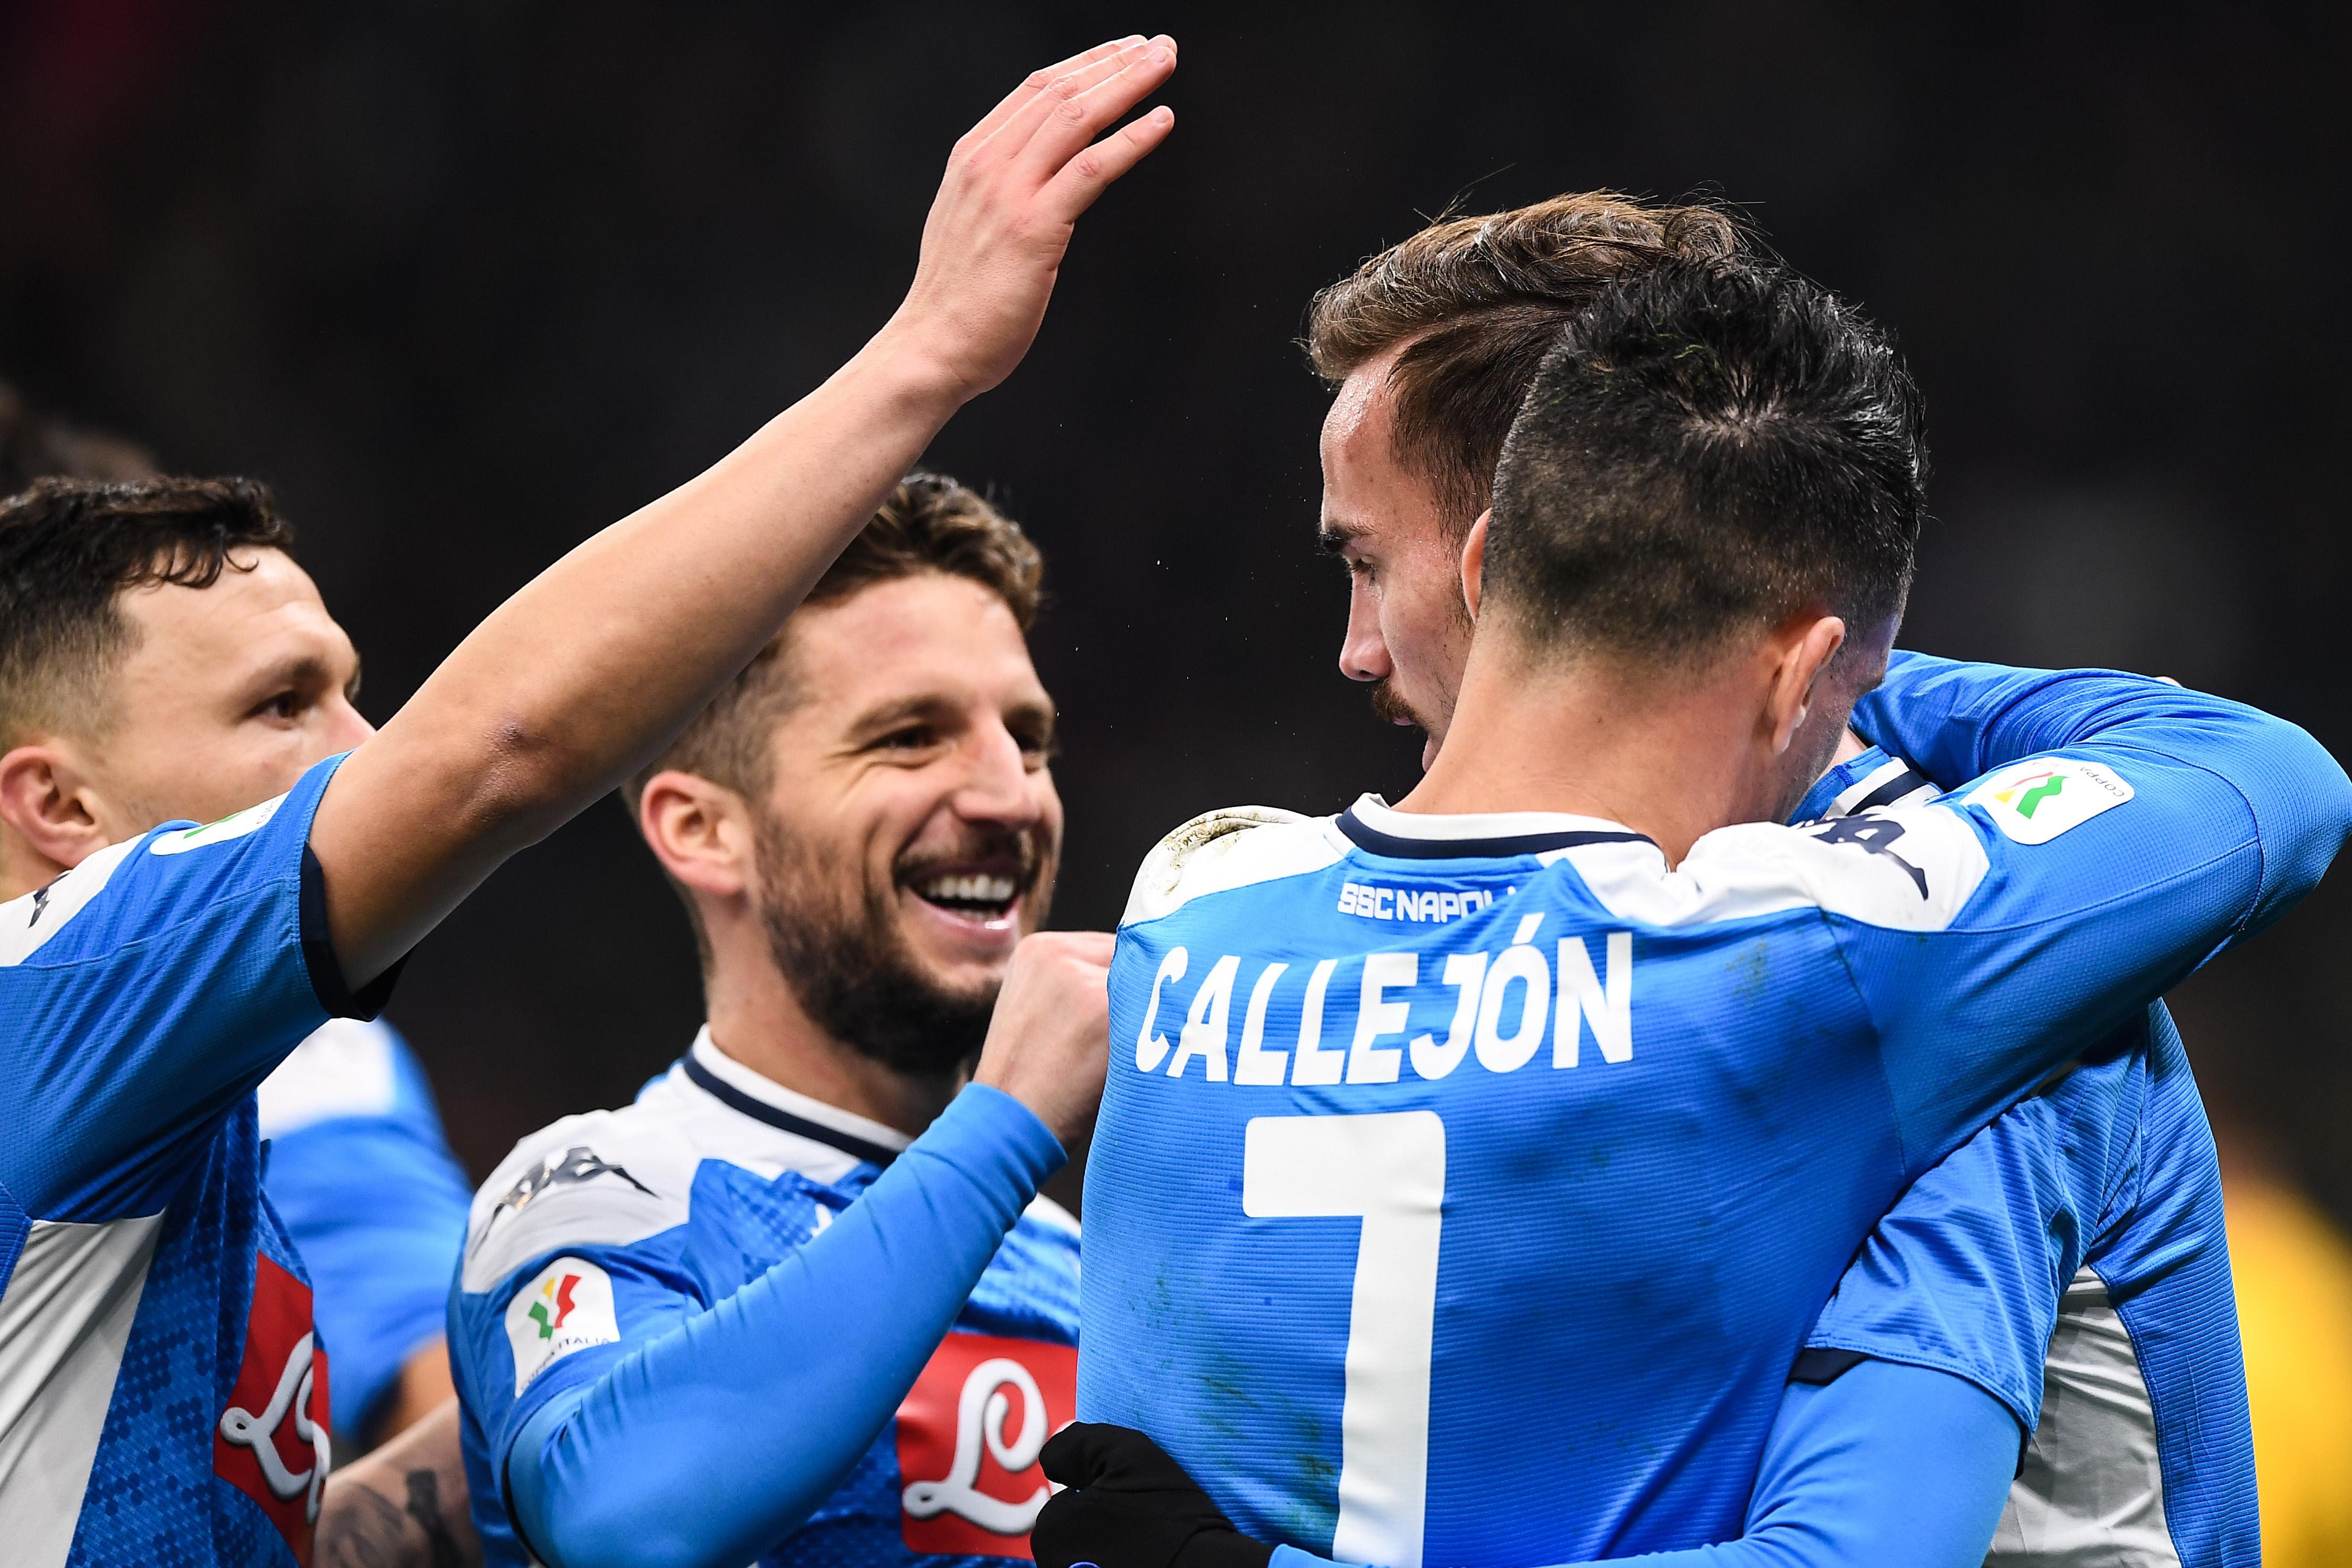 Coupe d'Italie : Naples surprend l'Inter et prend une option - Italie - Etranger - Football